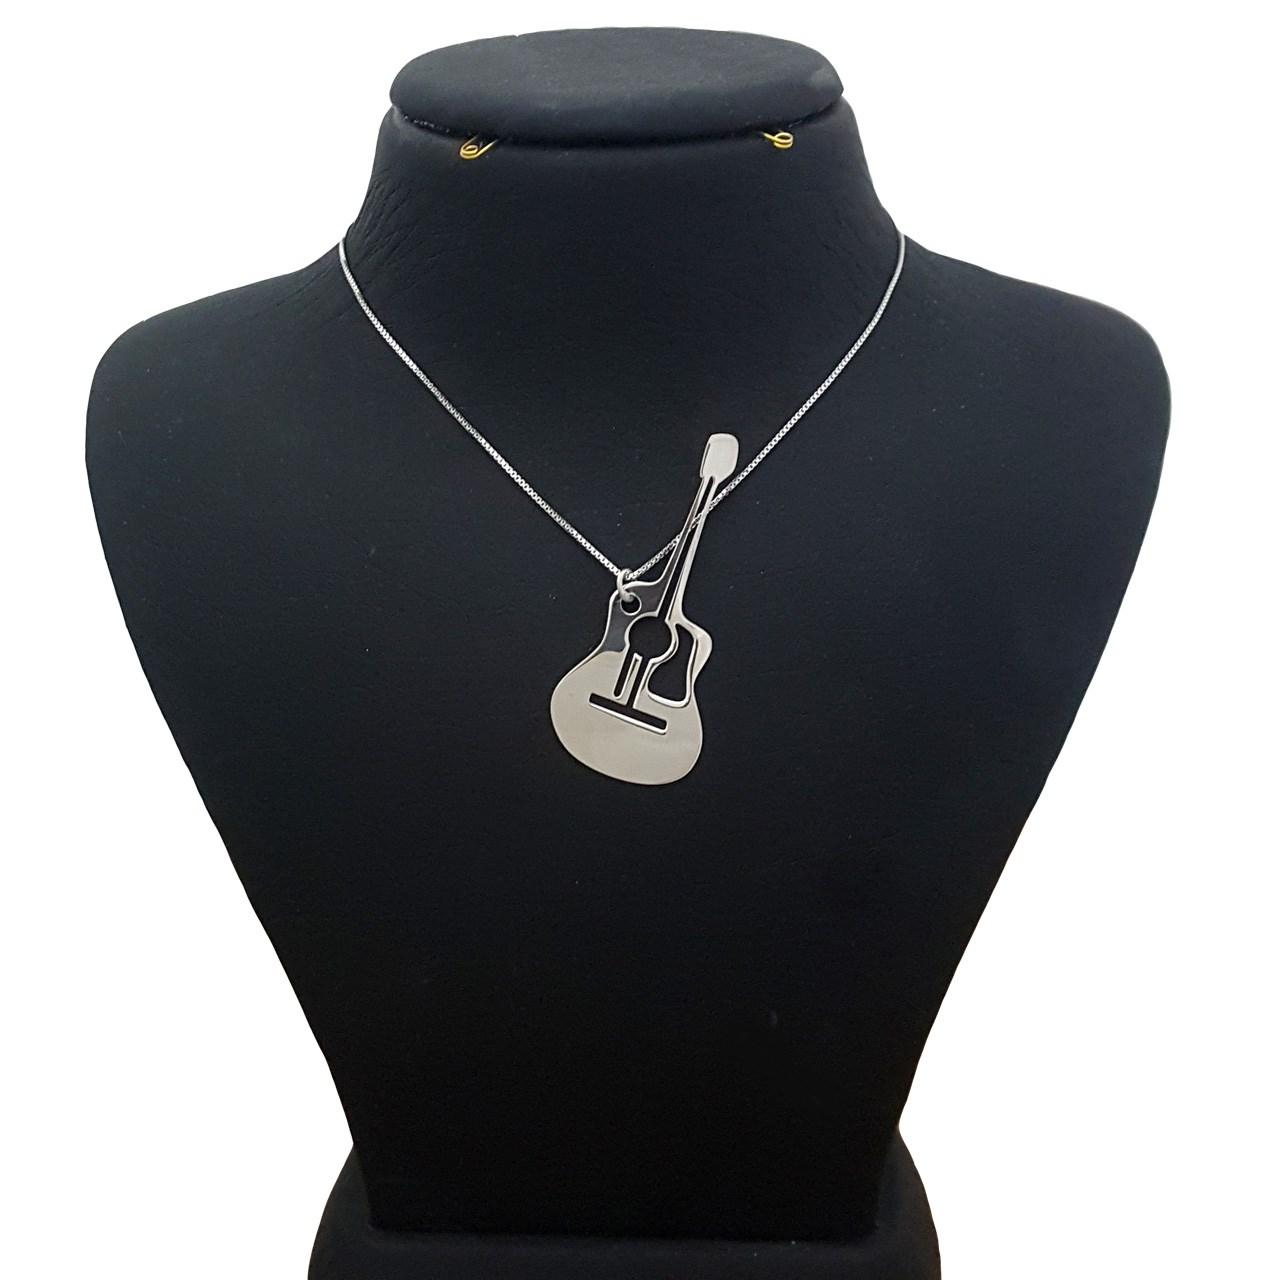 قیمت گردنبند نقره ترمه مدل گیتار ASE1